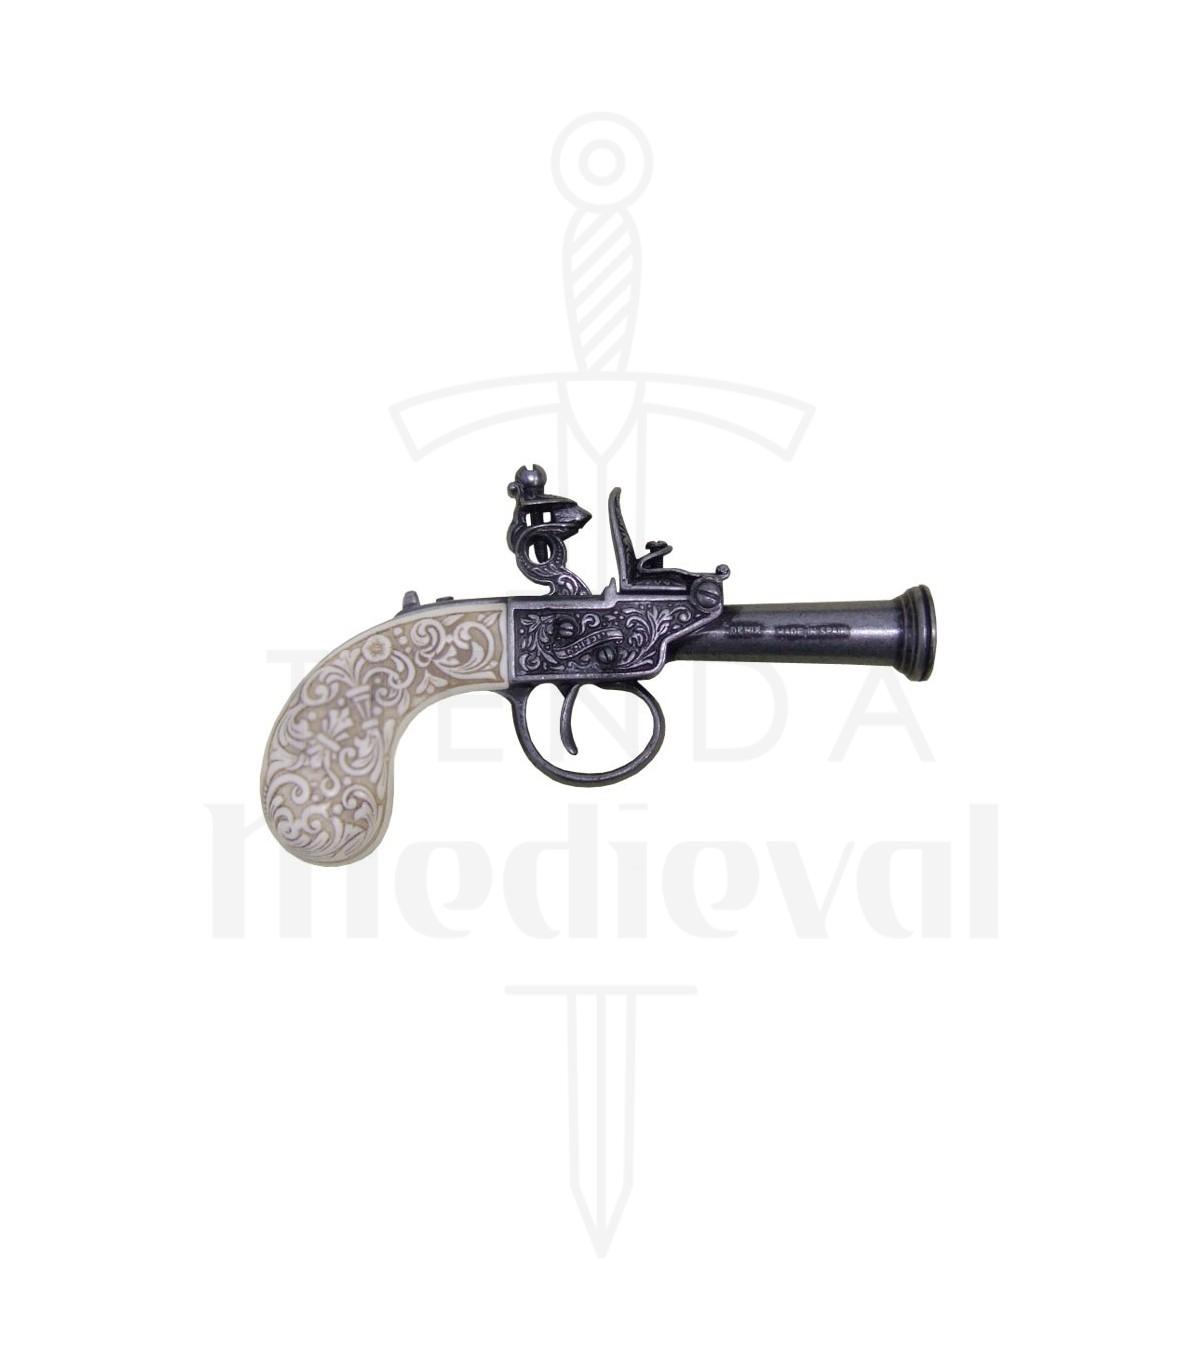 ️pistolet à silex anglais, année 1798. Pistolets à silex